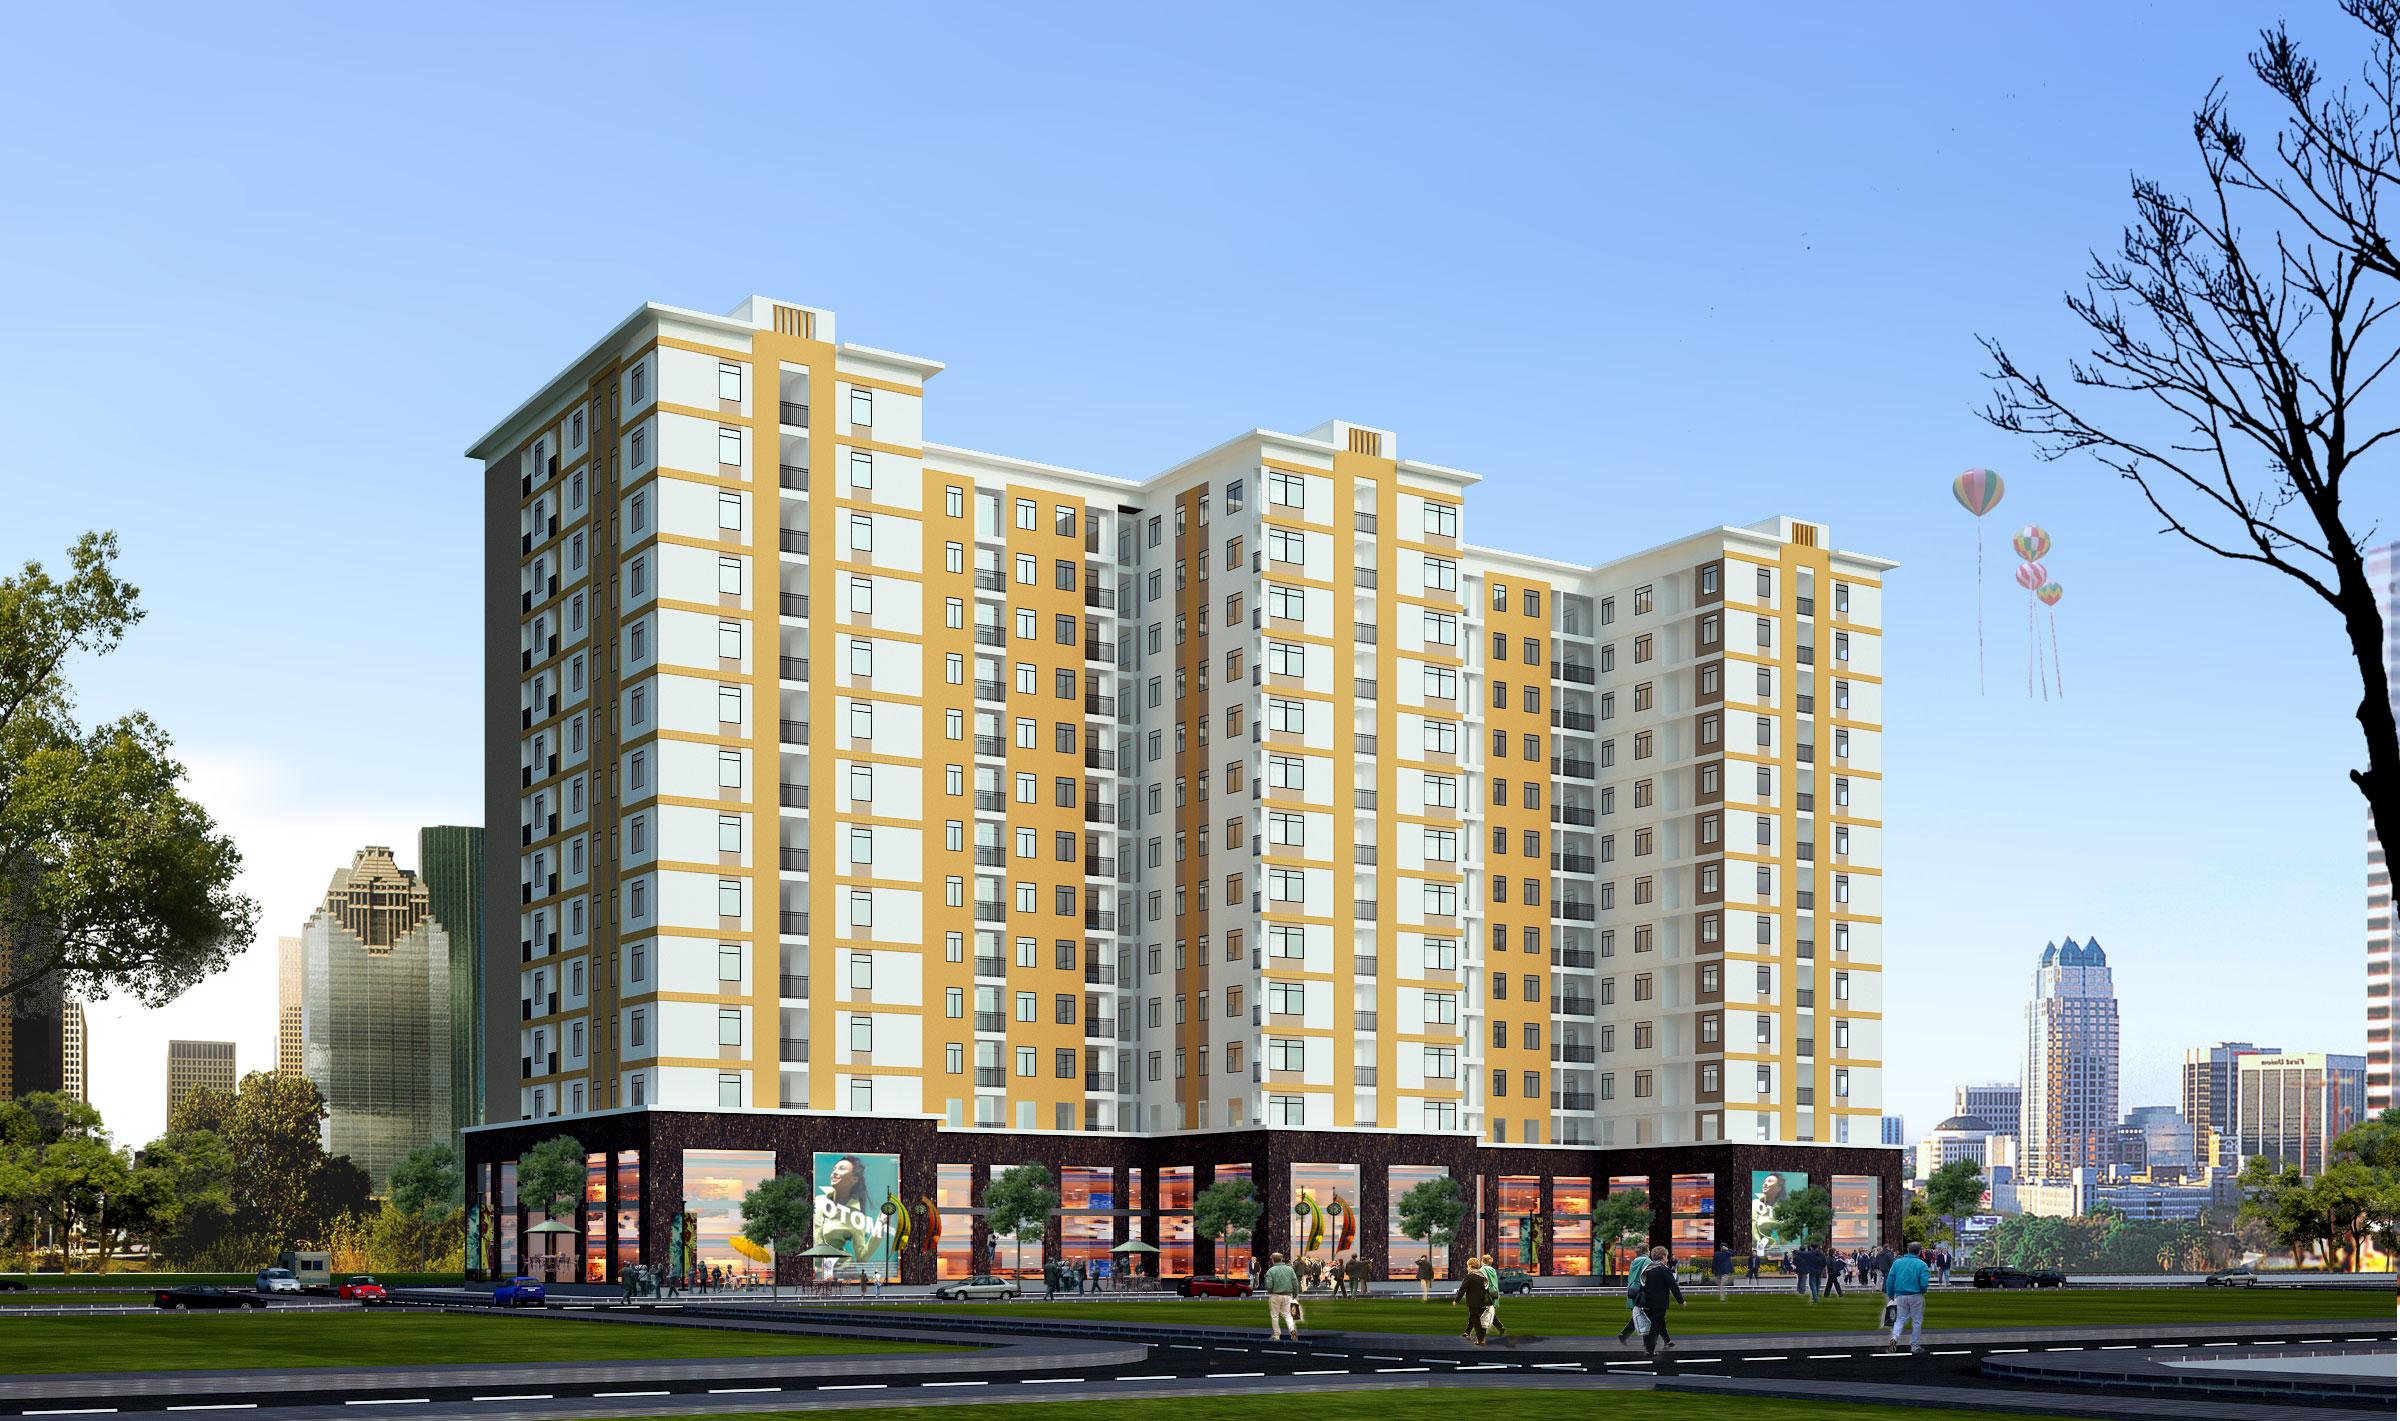 Nhà ở XH kết hợp DVTM tại xã Yên Trung, huyện Yên Phong